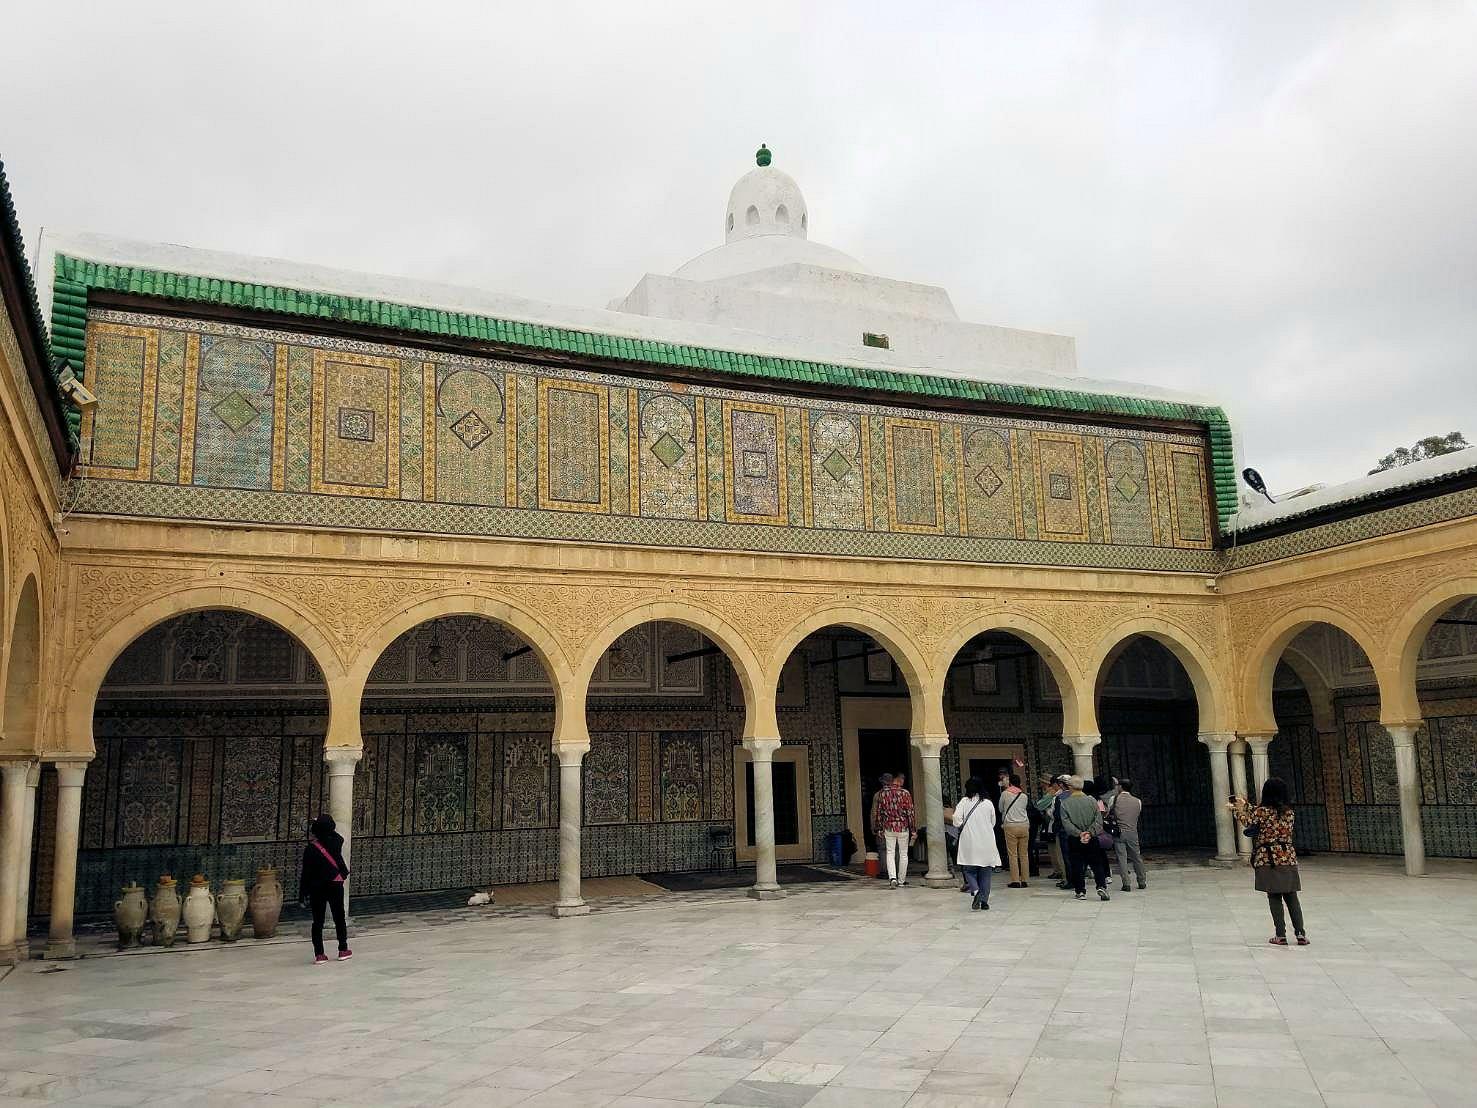 ケロアンのシディ・サハブ霊廟にいたオジサンと記念撮影2